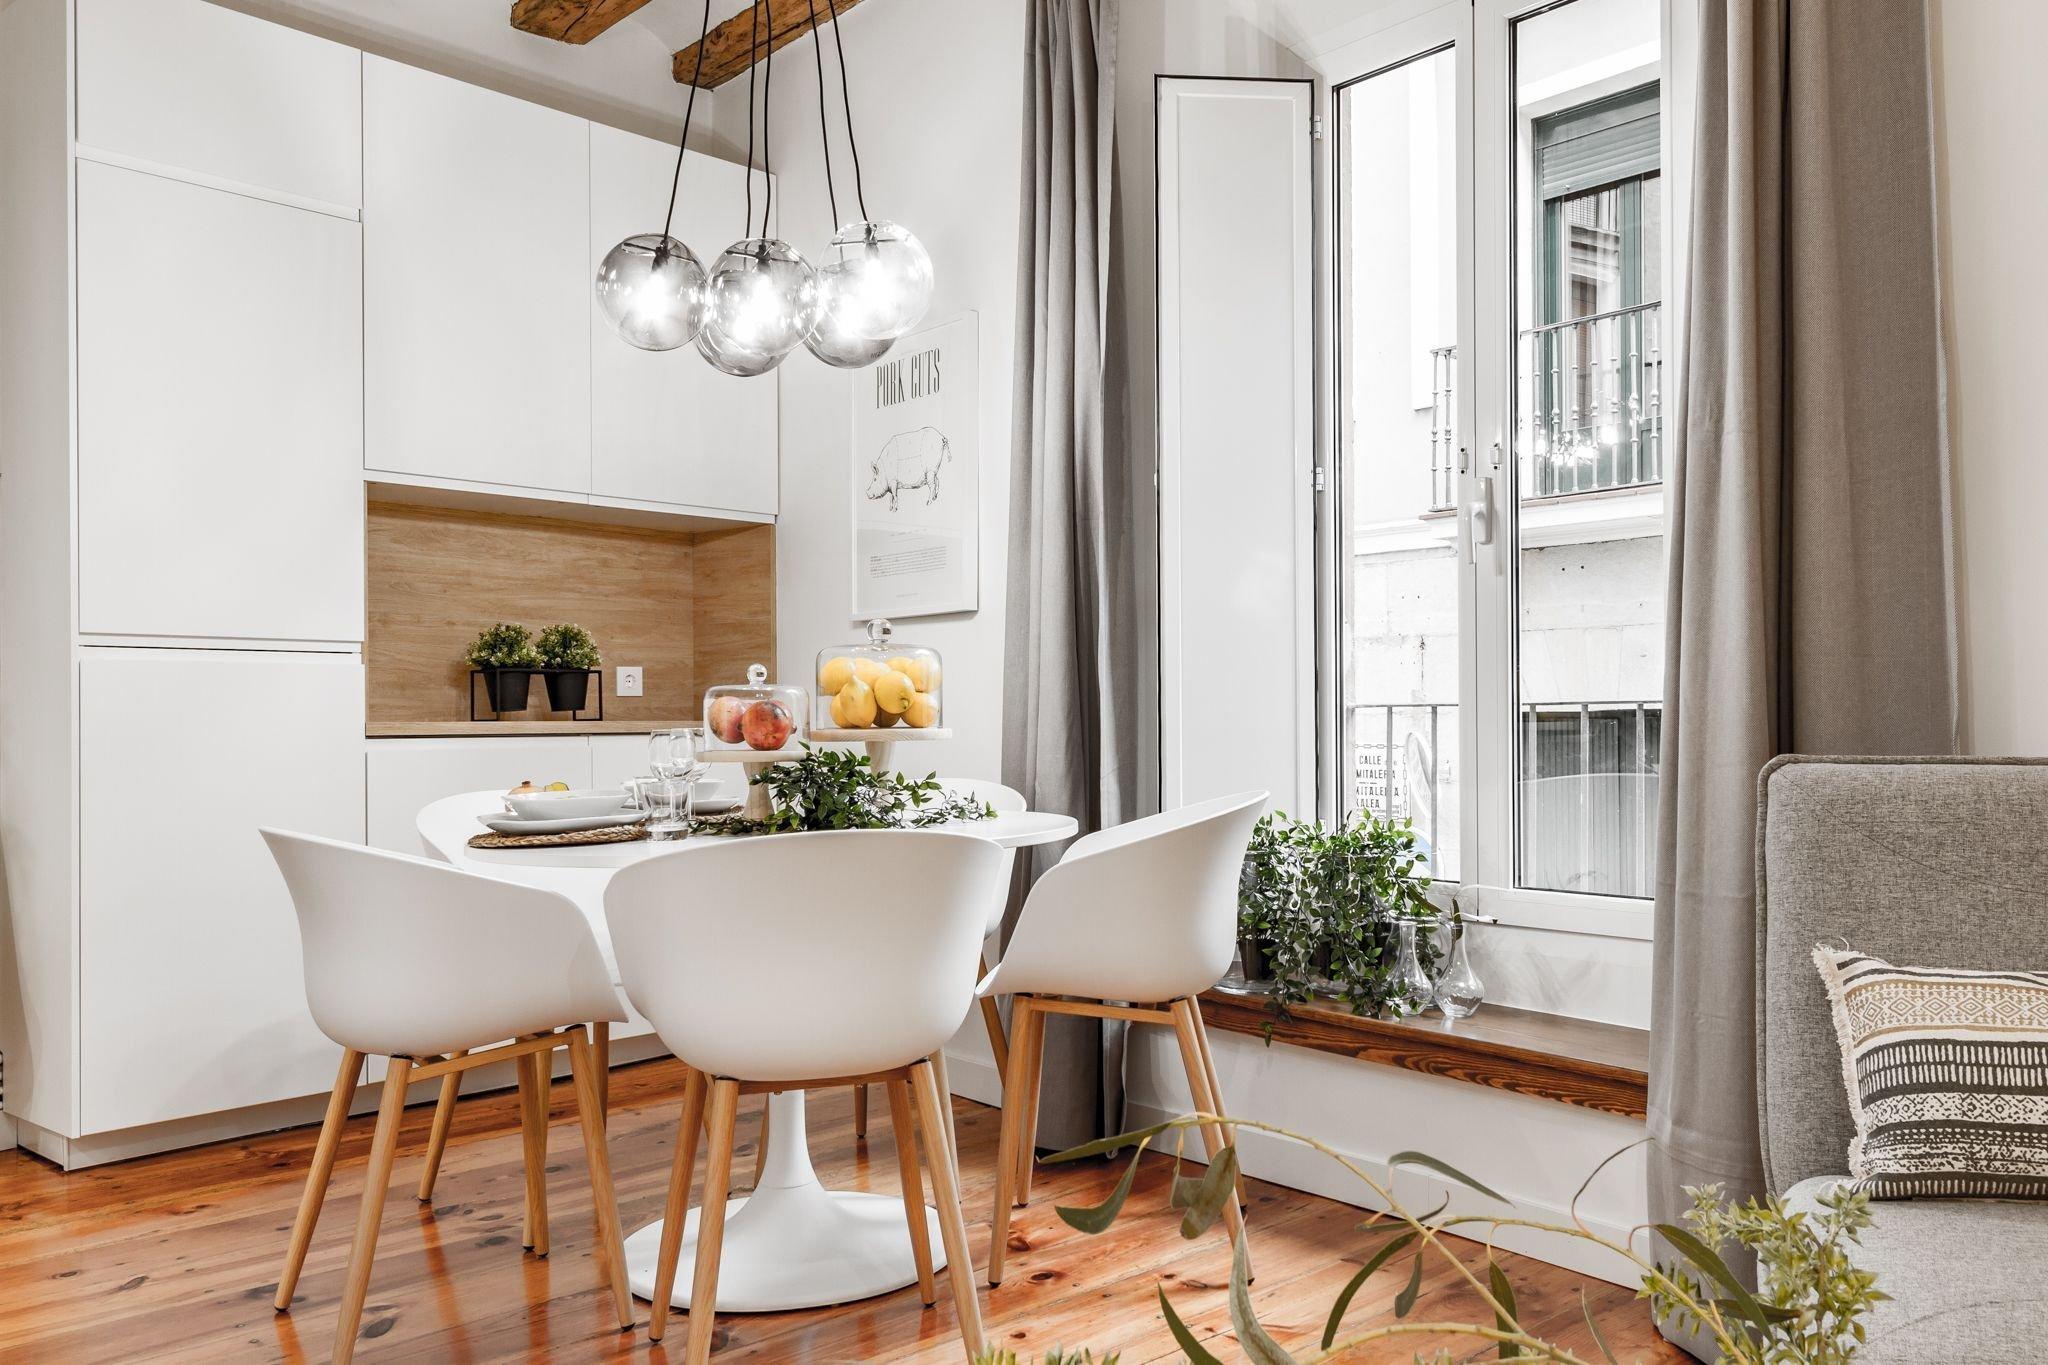 V Pamploně, hlavním městě španělského autonomního společenství Navarra, se ukrývá působivě zařízený byt se severskou duší. Díky neutrálním tónům v něm může plně vyniknout přirozená krása dřeva i důmyslná hra světel.